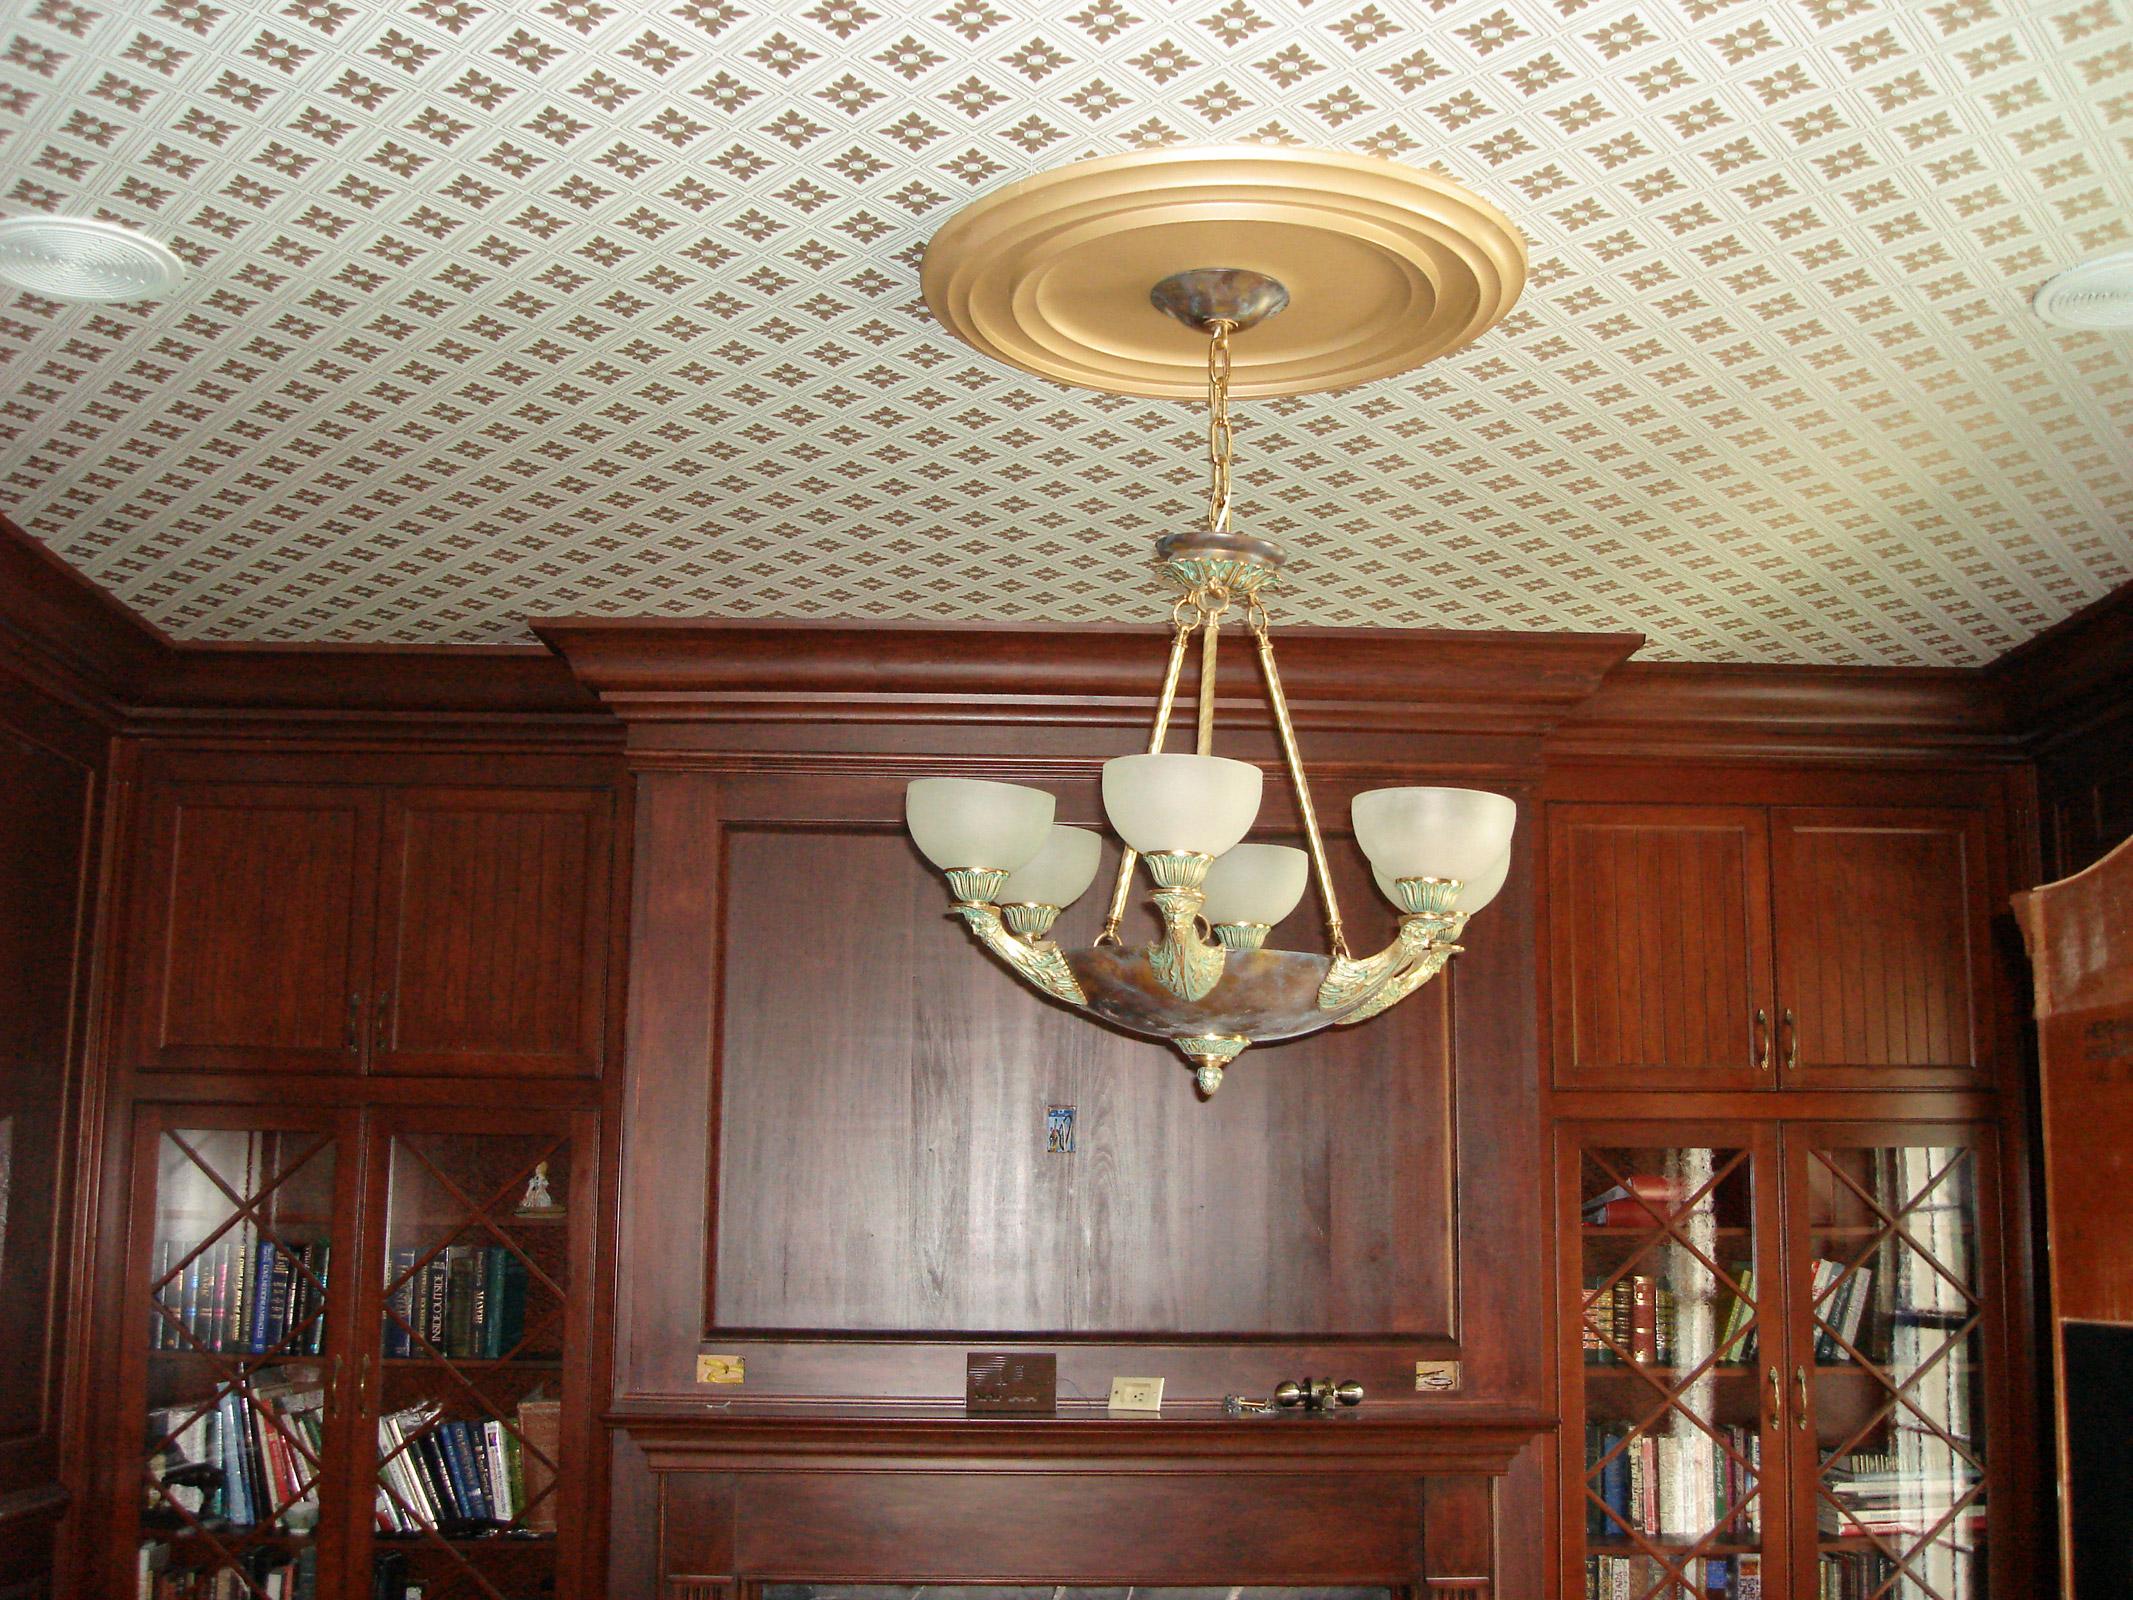 WOCC-ResidenceLivingston3_08.jpg